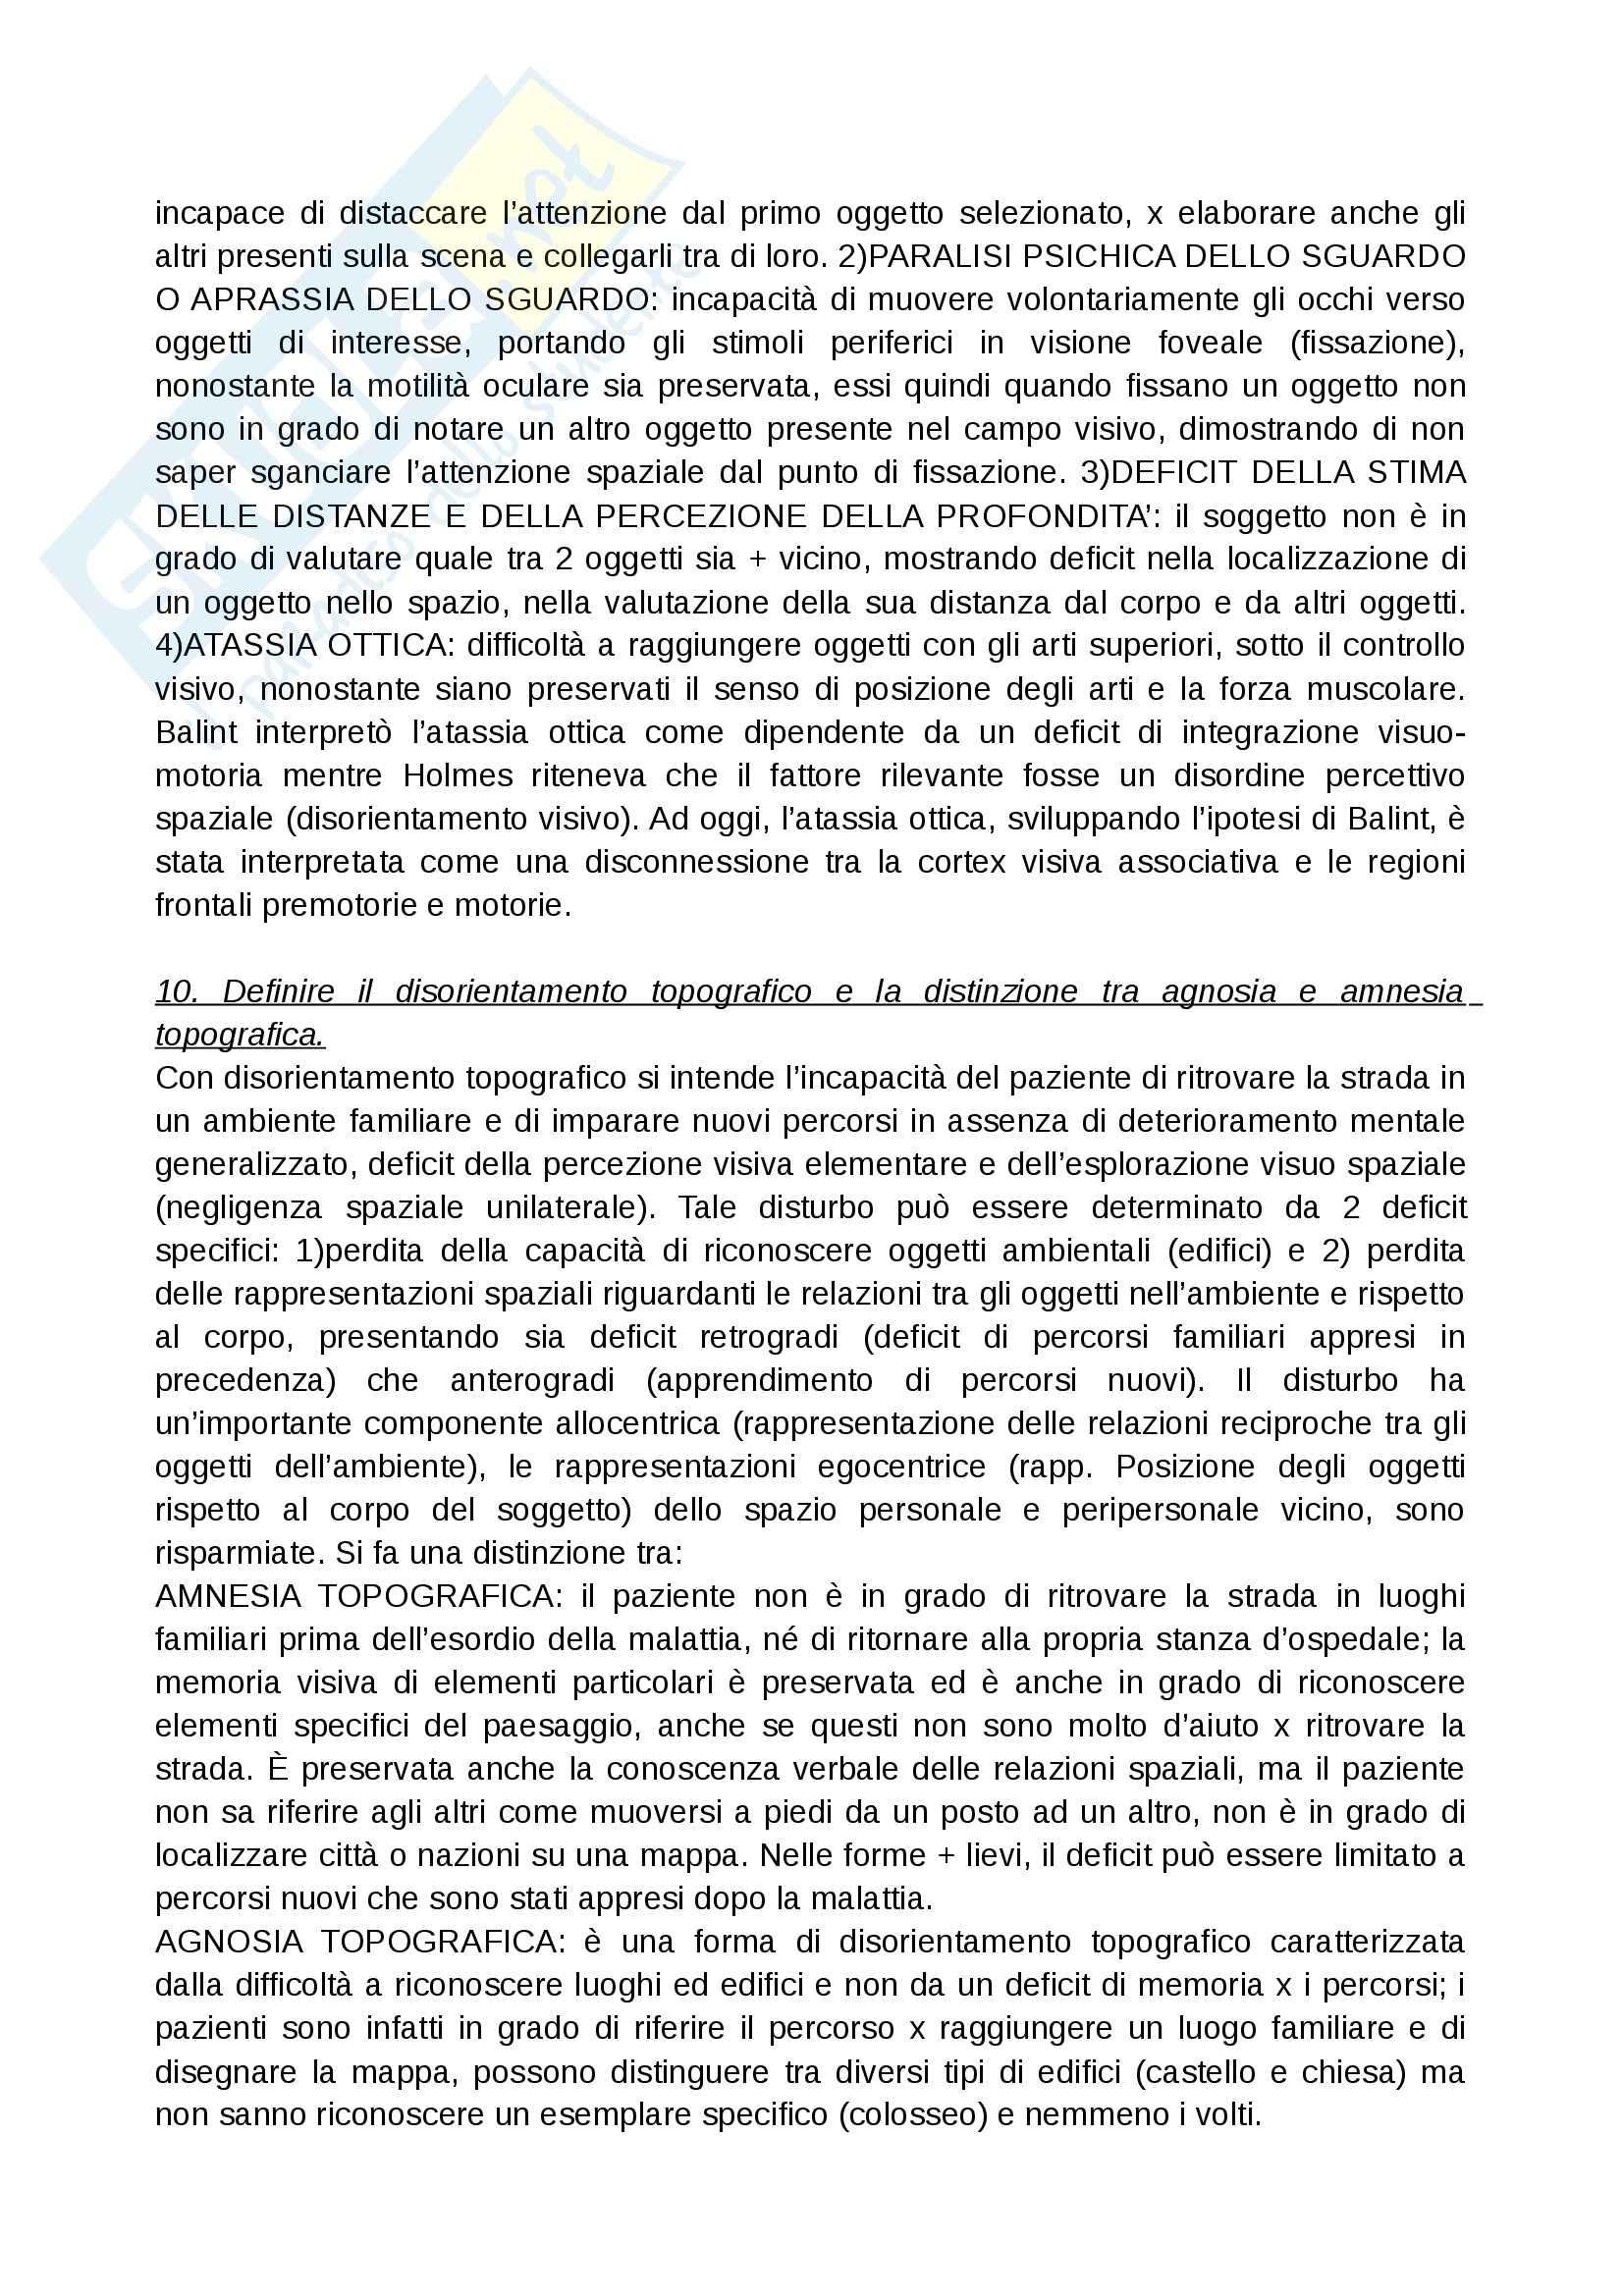 Neuroscienze - domande  e risposte Pag. 26